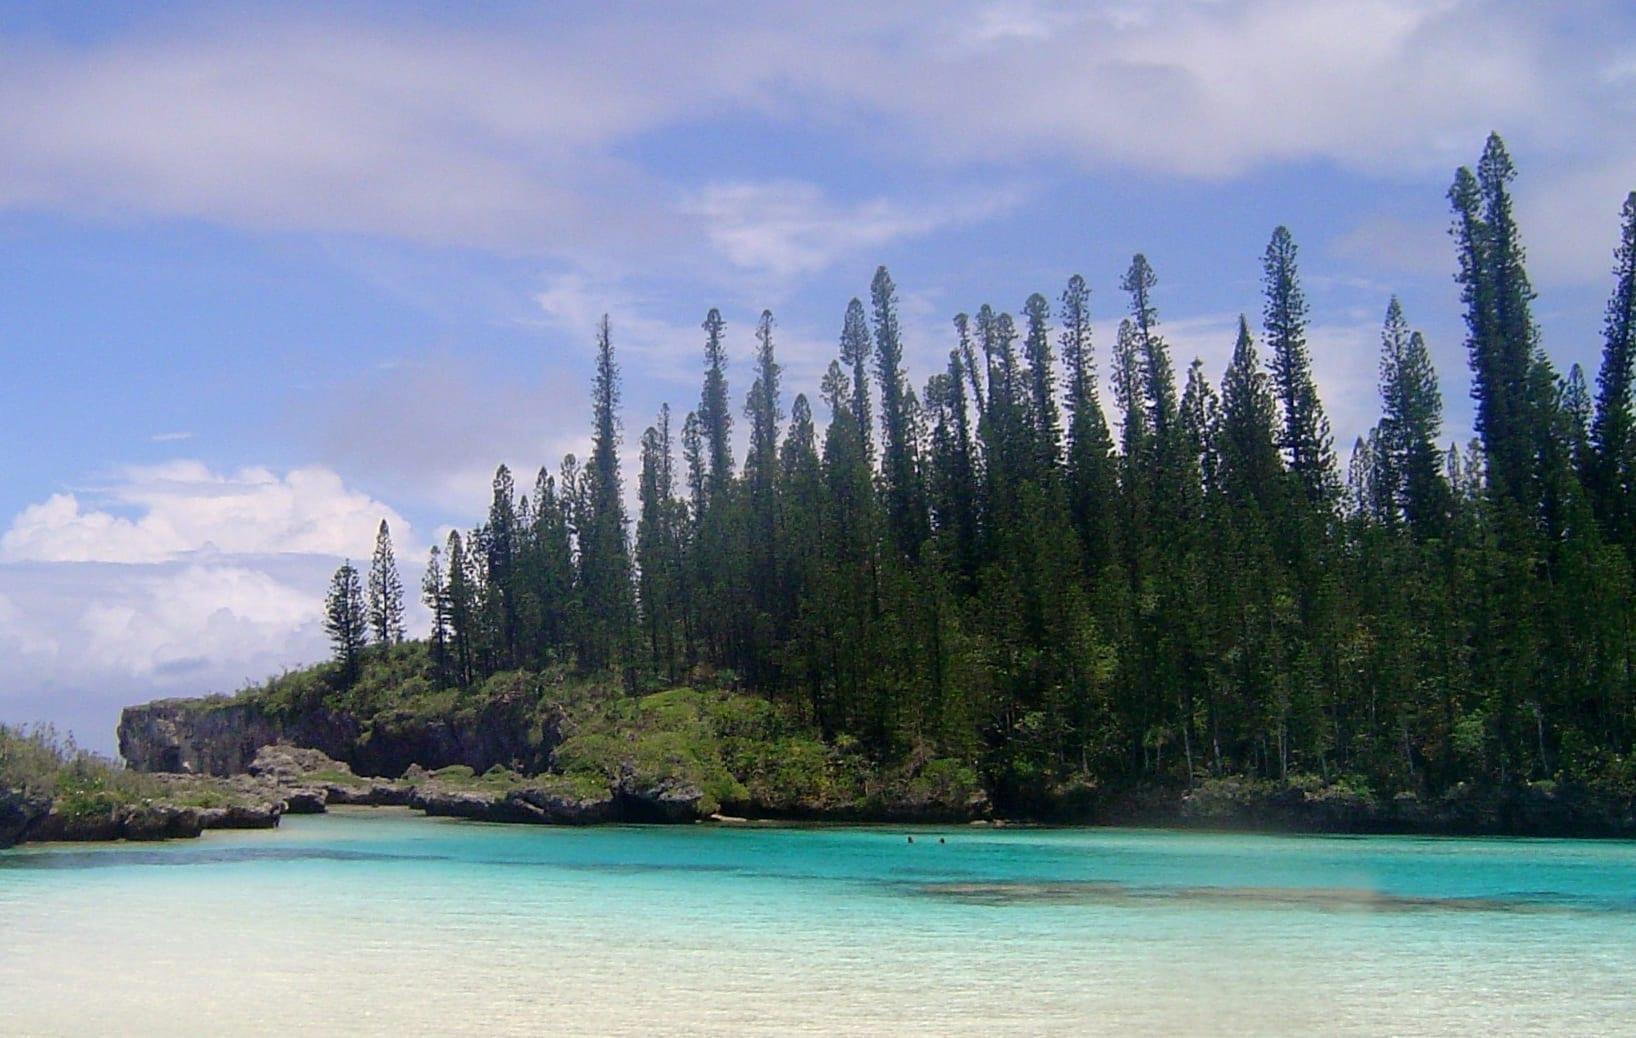 Isla de los Pinos